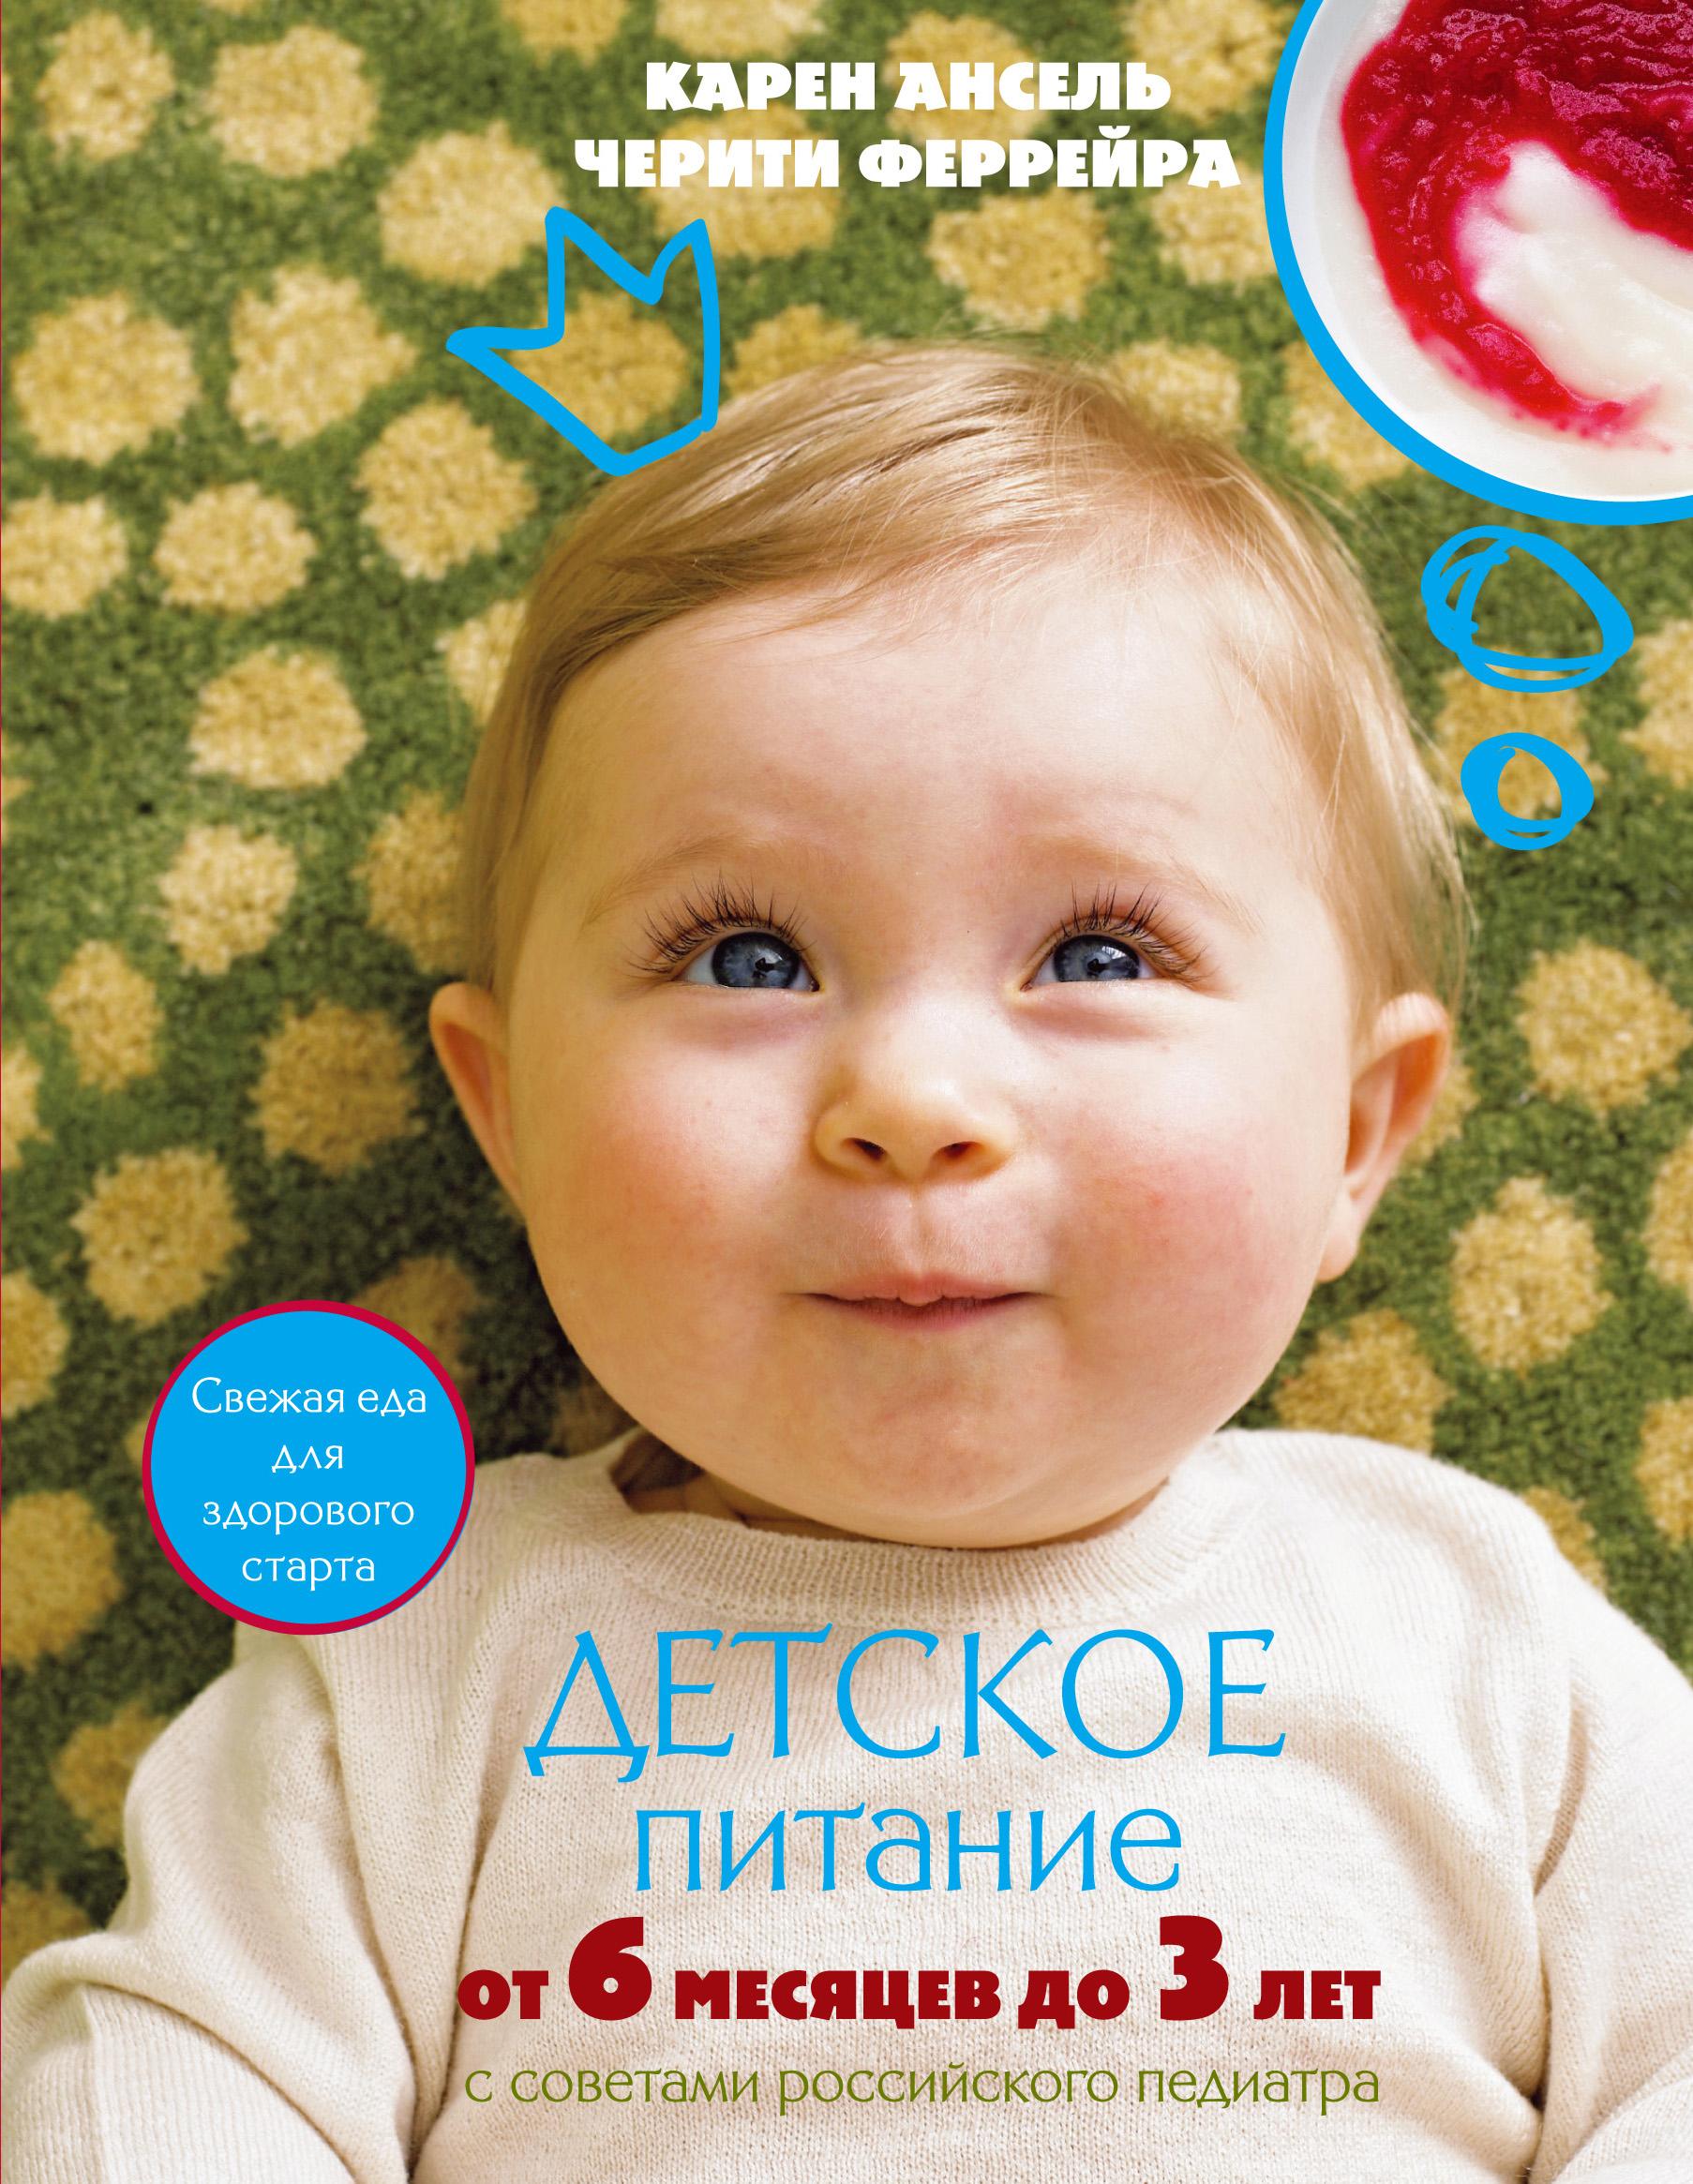 Детское питание от 6 месяцев до 3 лет (новое оформление) (серия Кулинария. Зарубежный бестселлер)